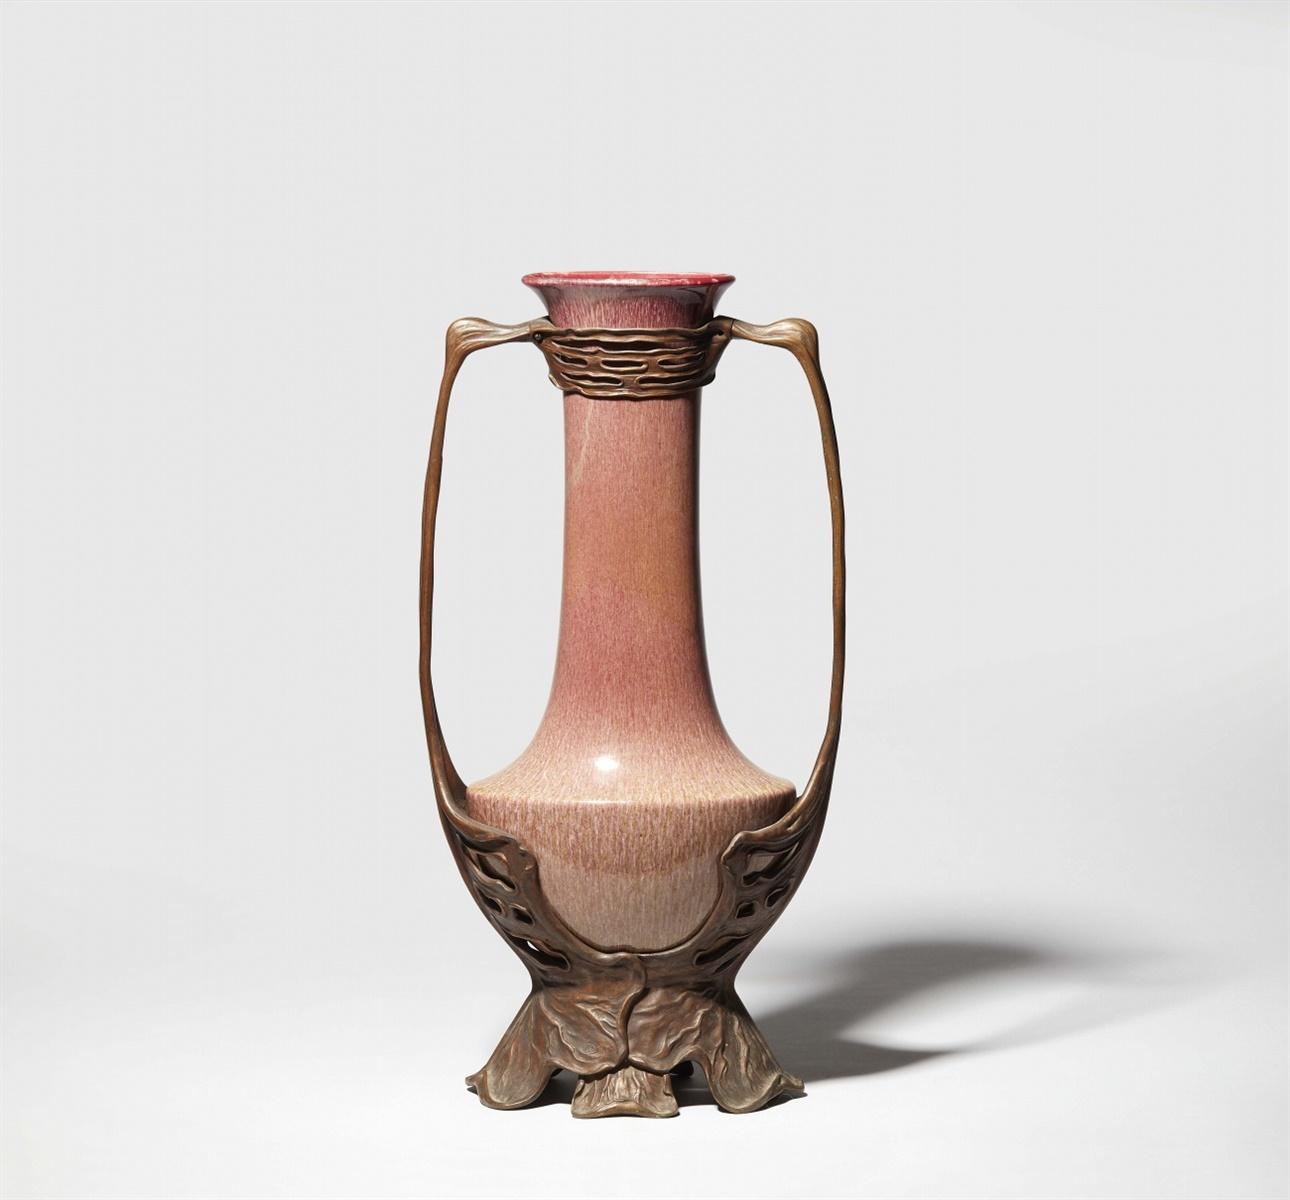 Große Vase von Otto EckmannKeramik/ Porzellan (?) mit opaker Kupferoxidglasur in Ochsenblutrot mit